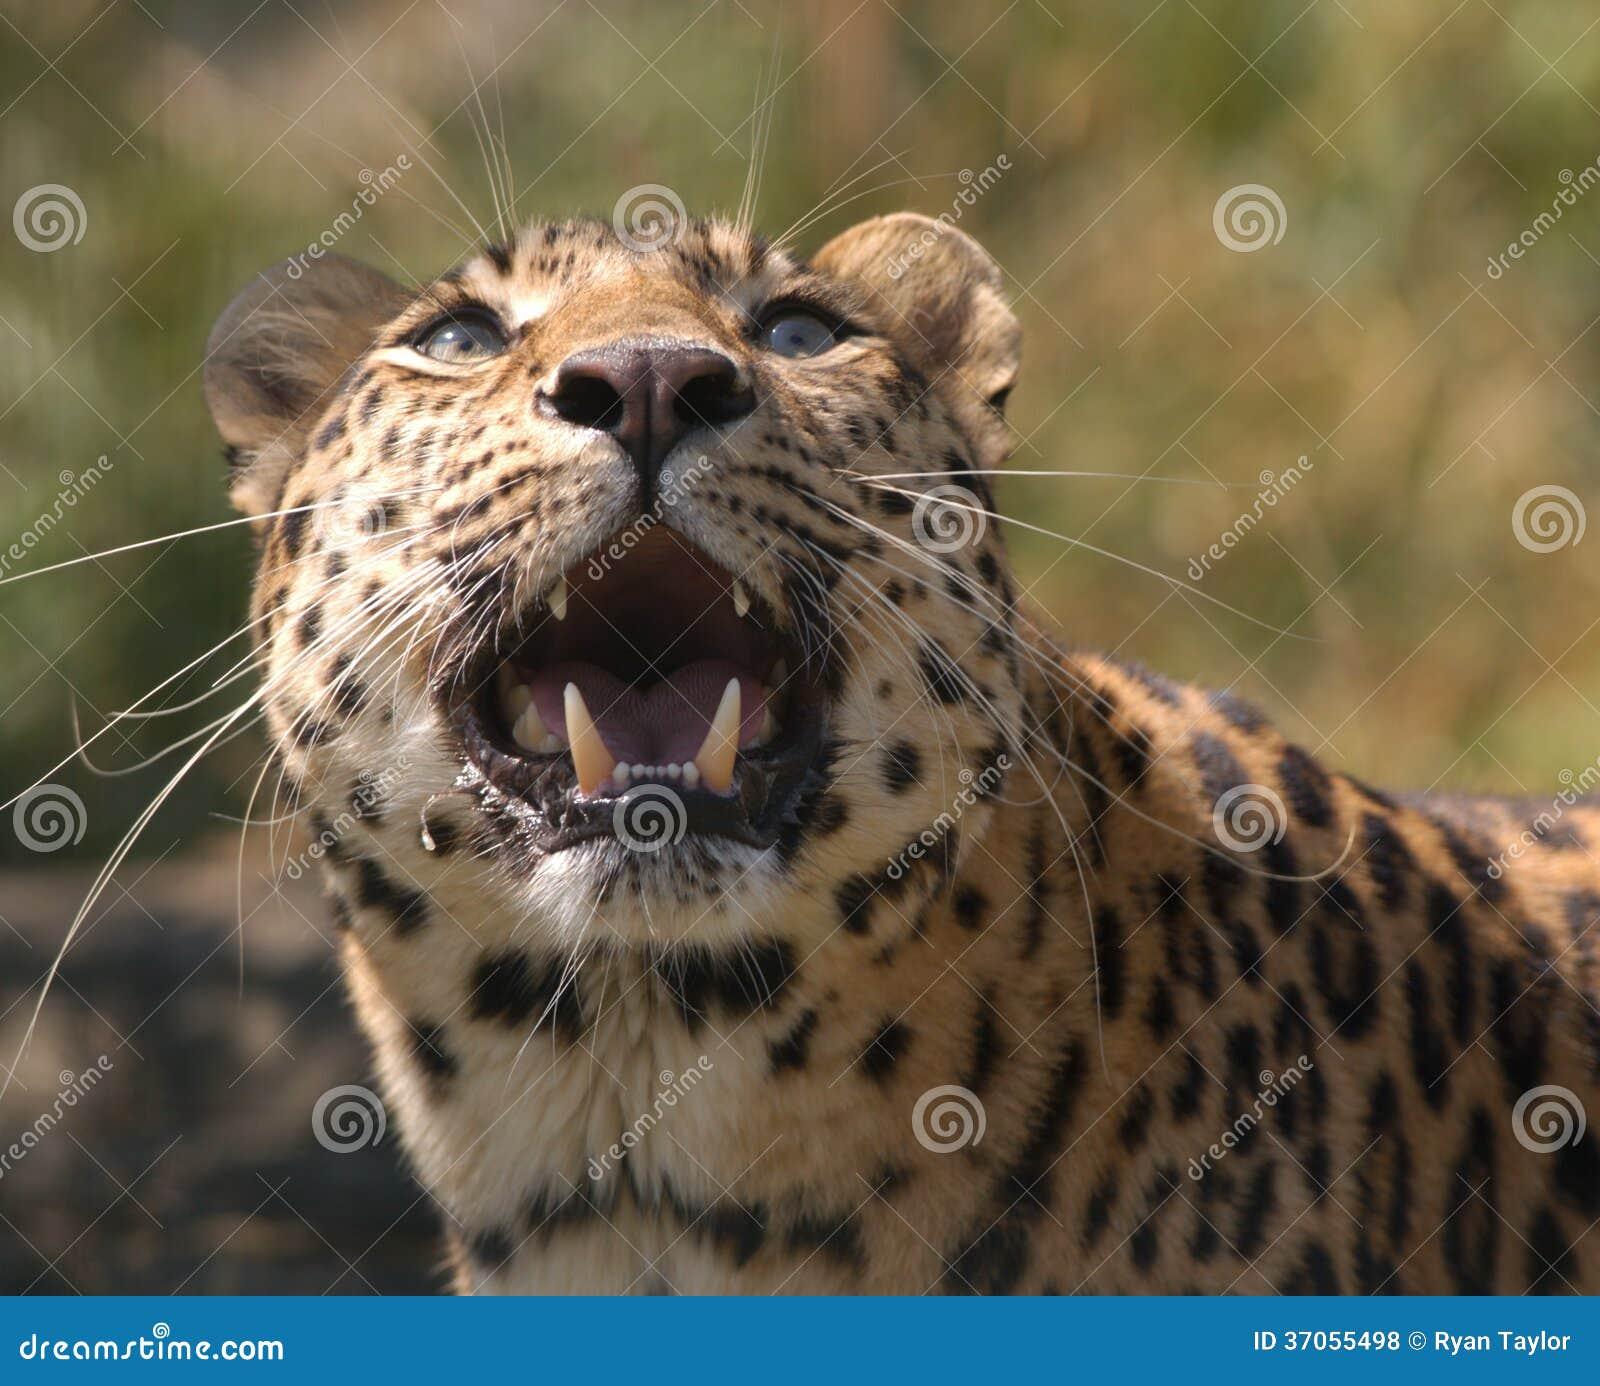 Leopard Growl: Amur Leopard Growling Stock Photo. Image Of Leopard, Teeth